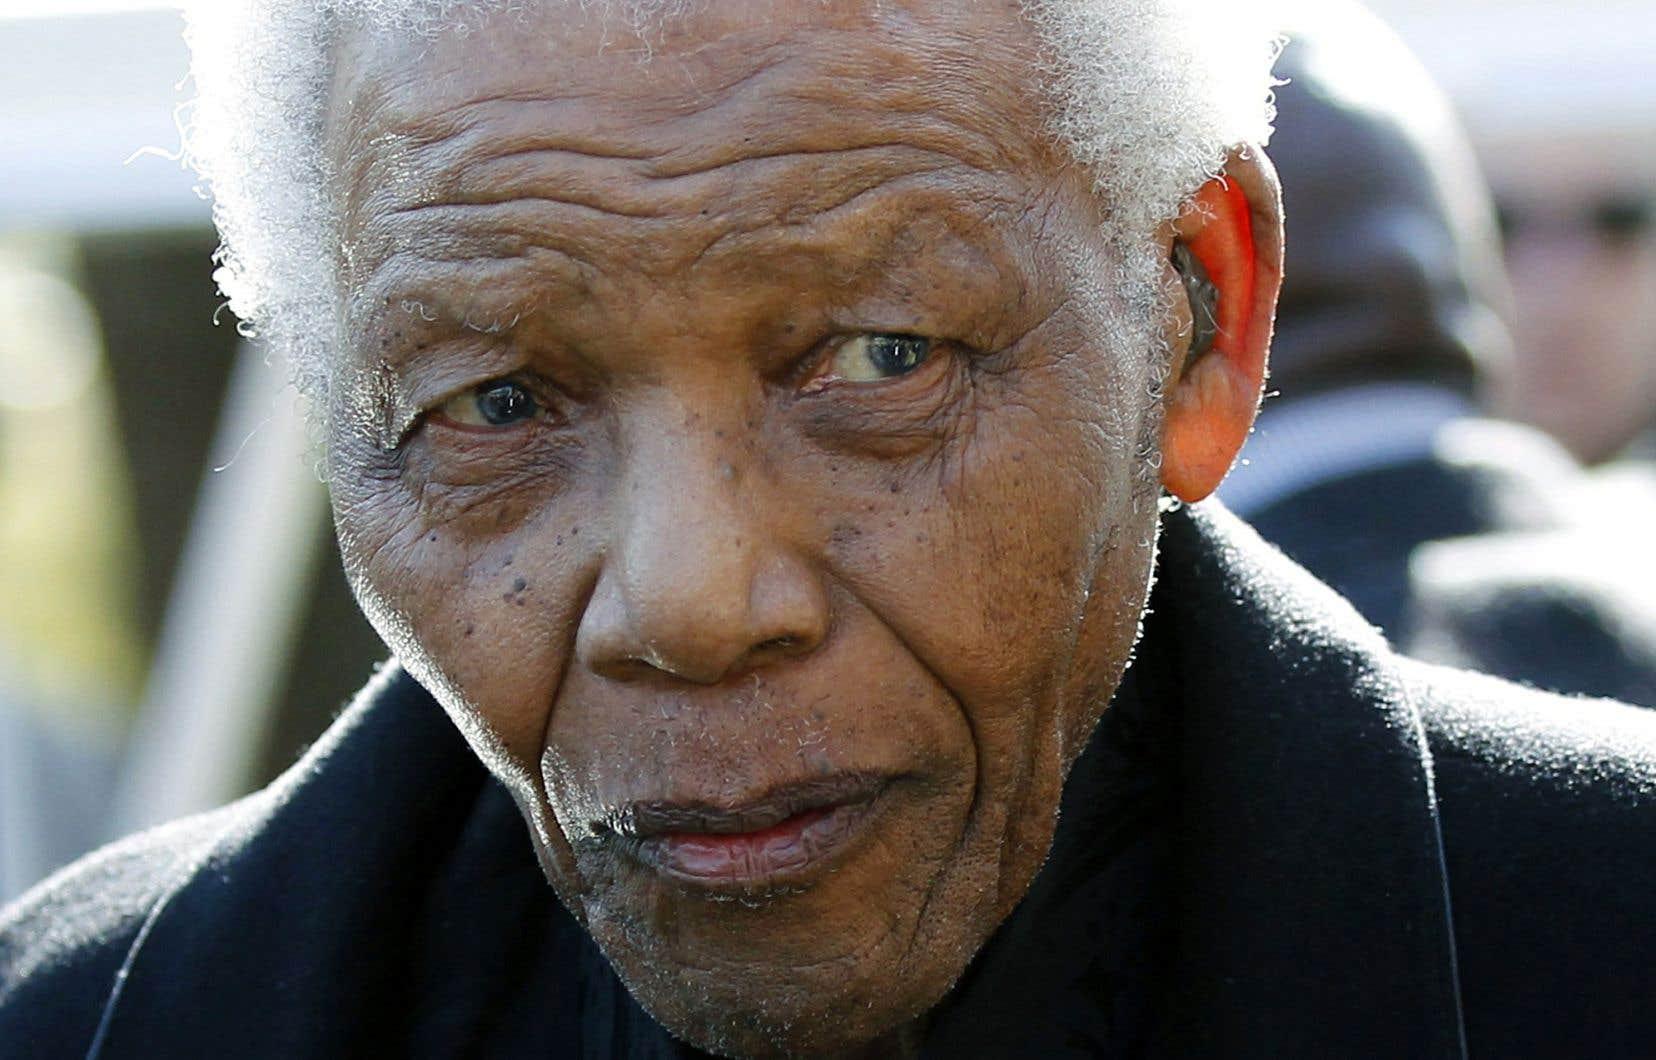 Jour après jour pendant les 27 années de sa détention, Nelson Mandela a écrit pour réclamer des traitements décents, pour lui ou pour ses proches, pour ses compagnons de lutte.